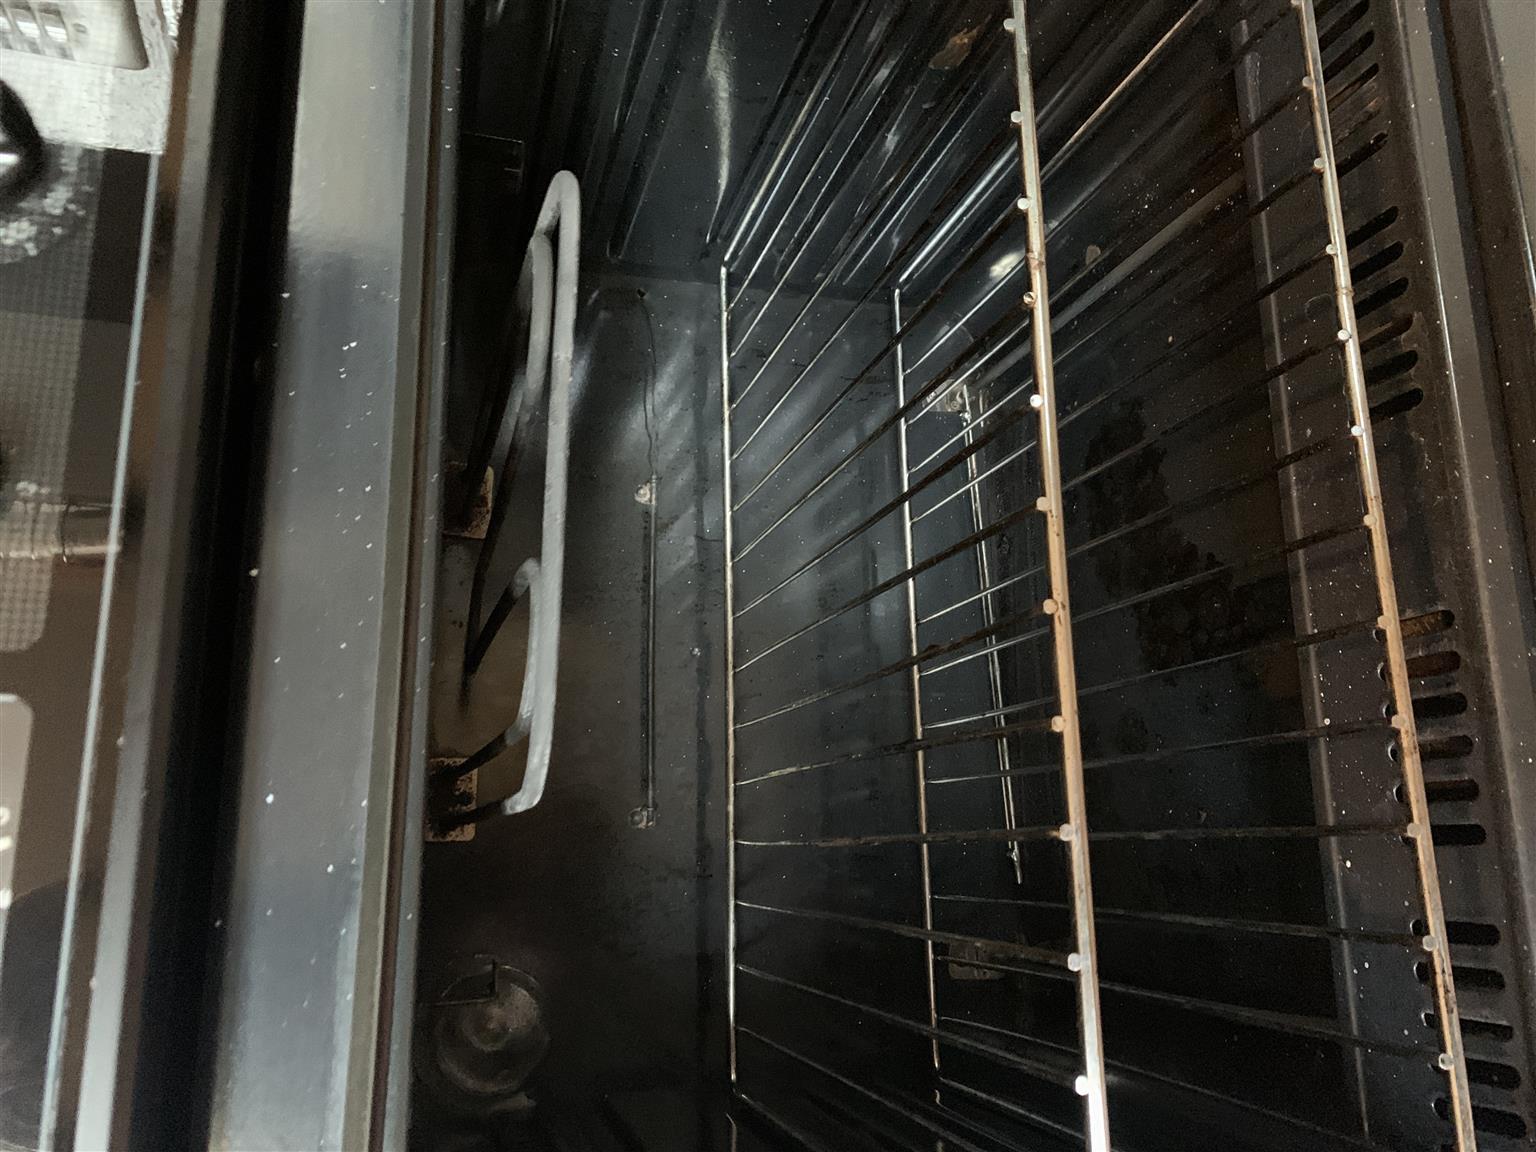 Defy Eye level oven for sale Gemini Cordon Bleu